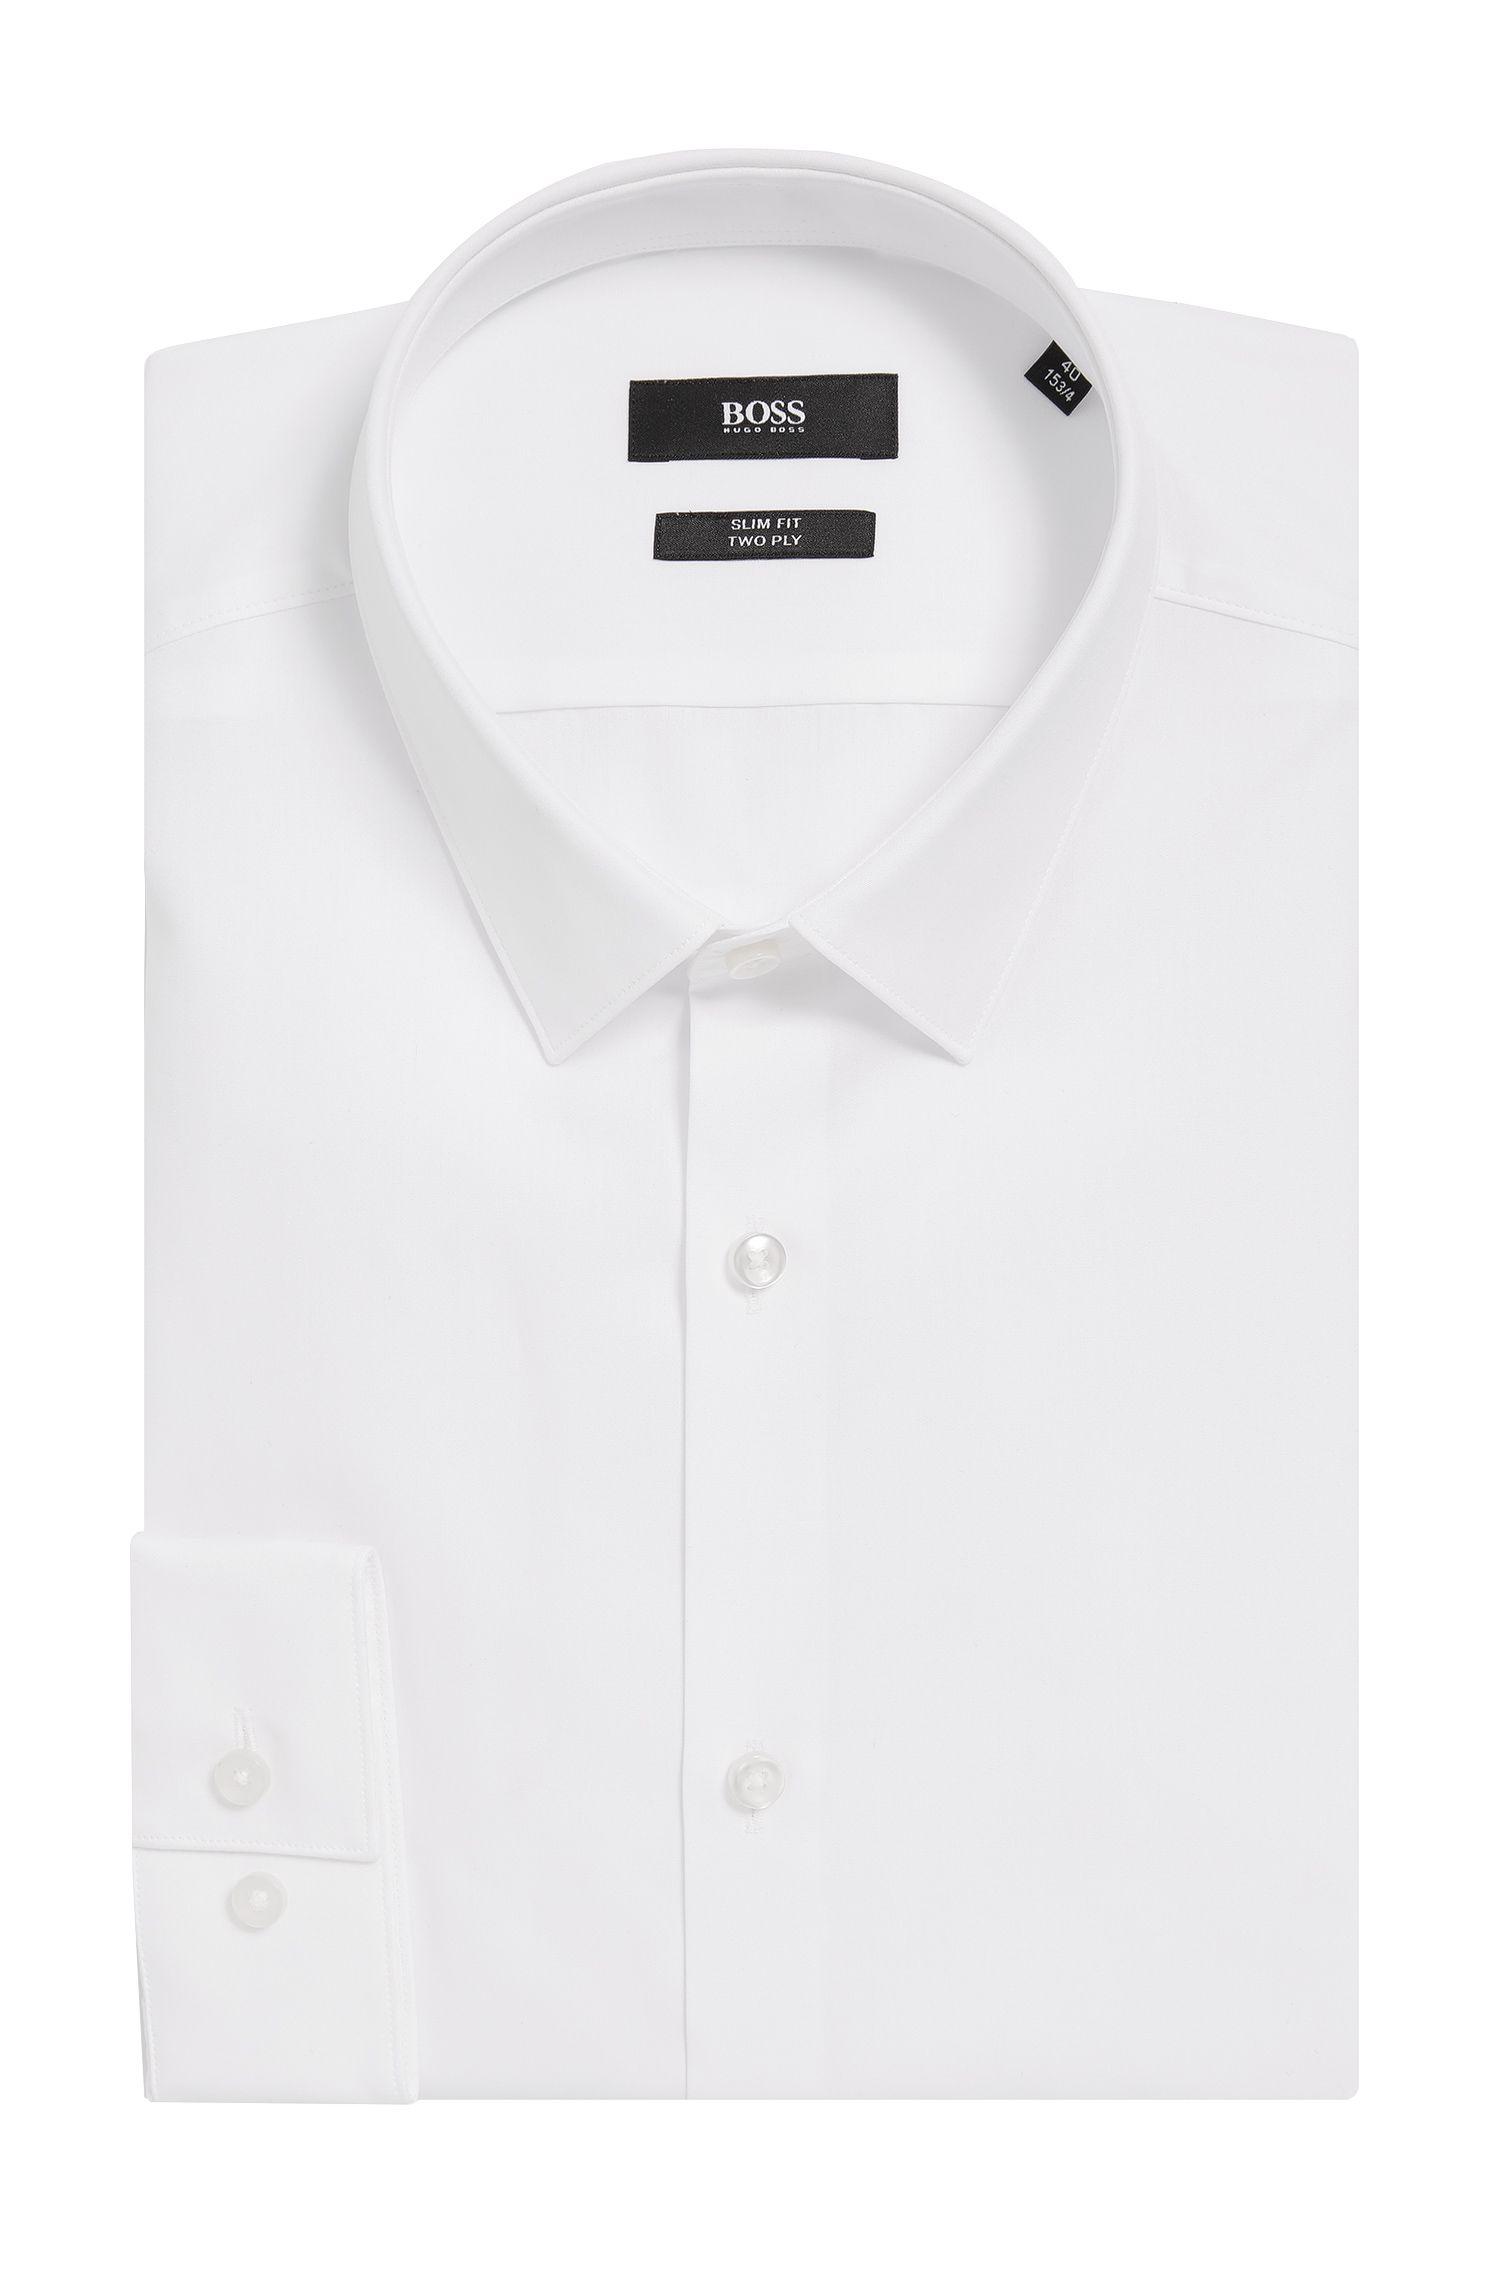 2-Ply Cotton Dress Shirt, Slim Fit | Ilan